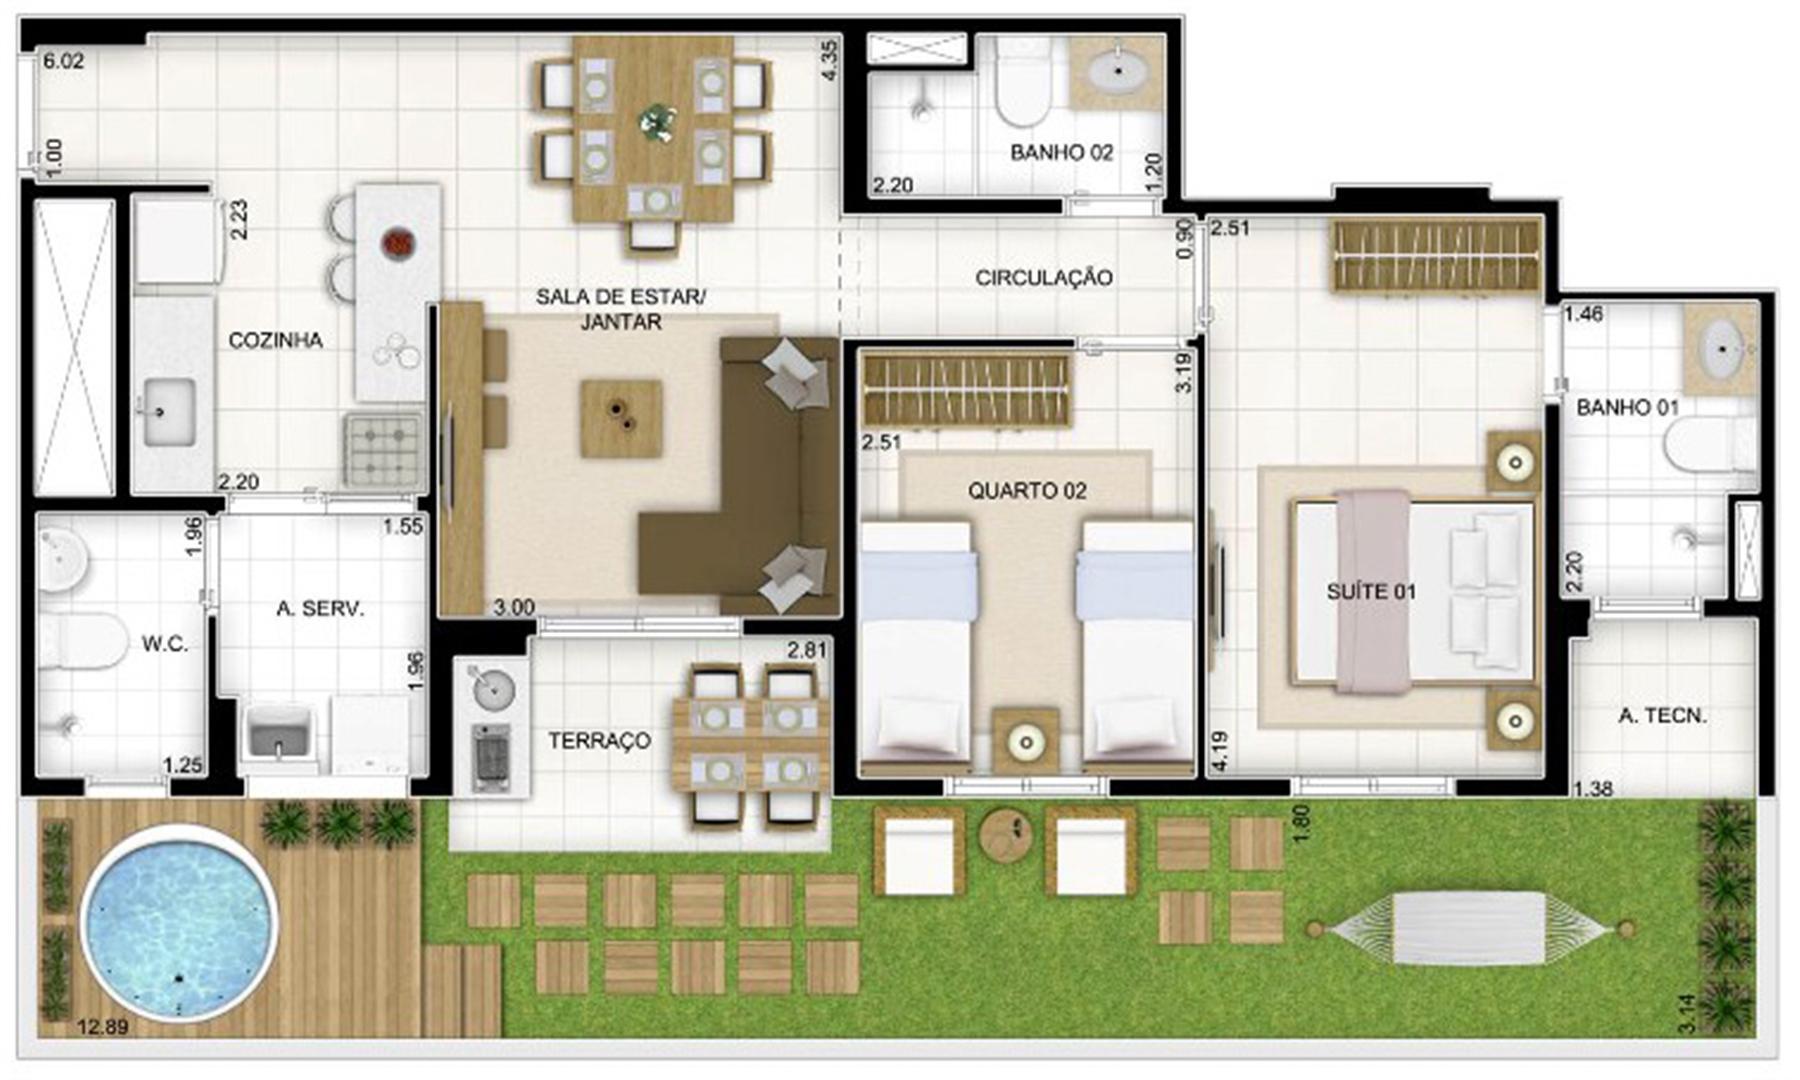 Planta Tipo 3 quartos 81 m²   Quartier Lagoa Nova – Apartamento na  Lagoa Nova - Natal - Rio Grande do Norte